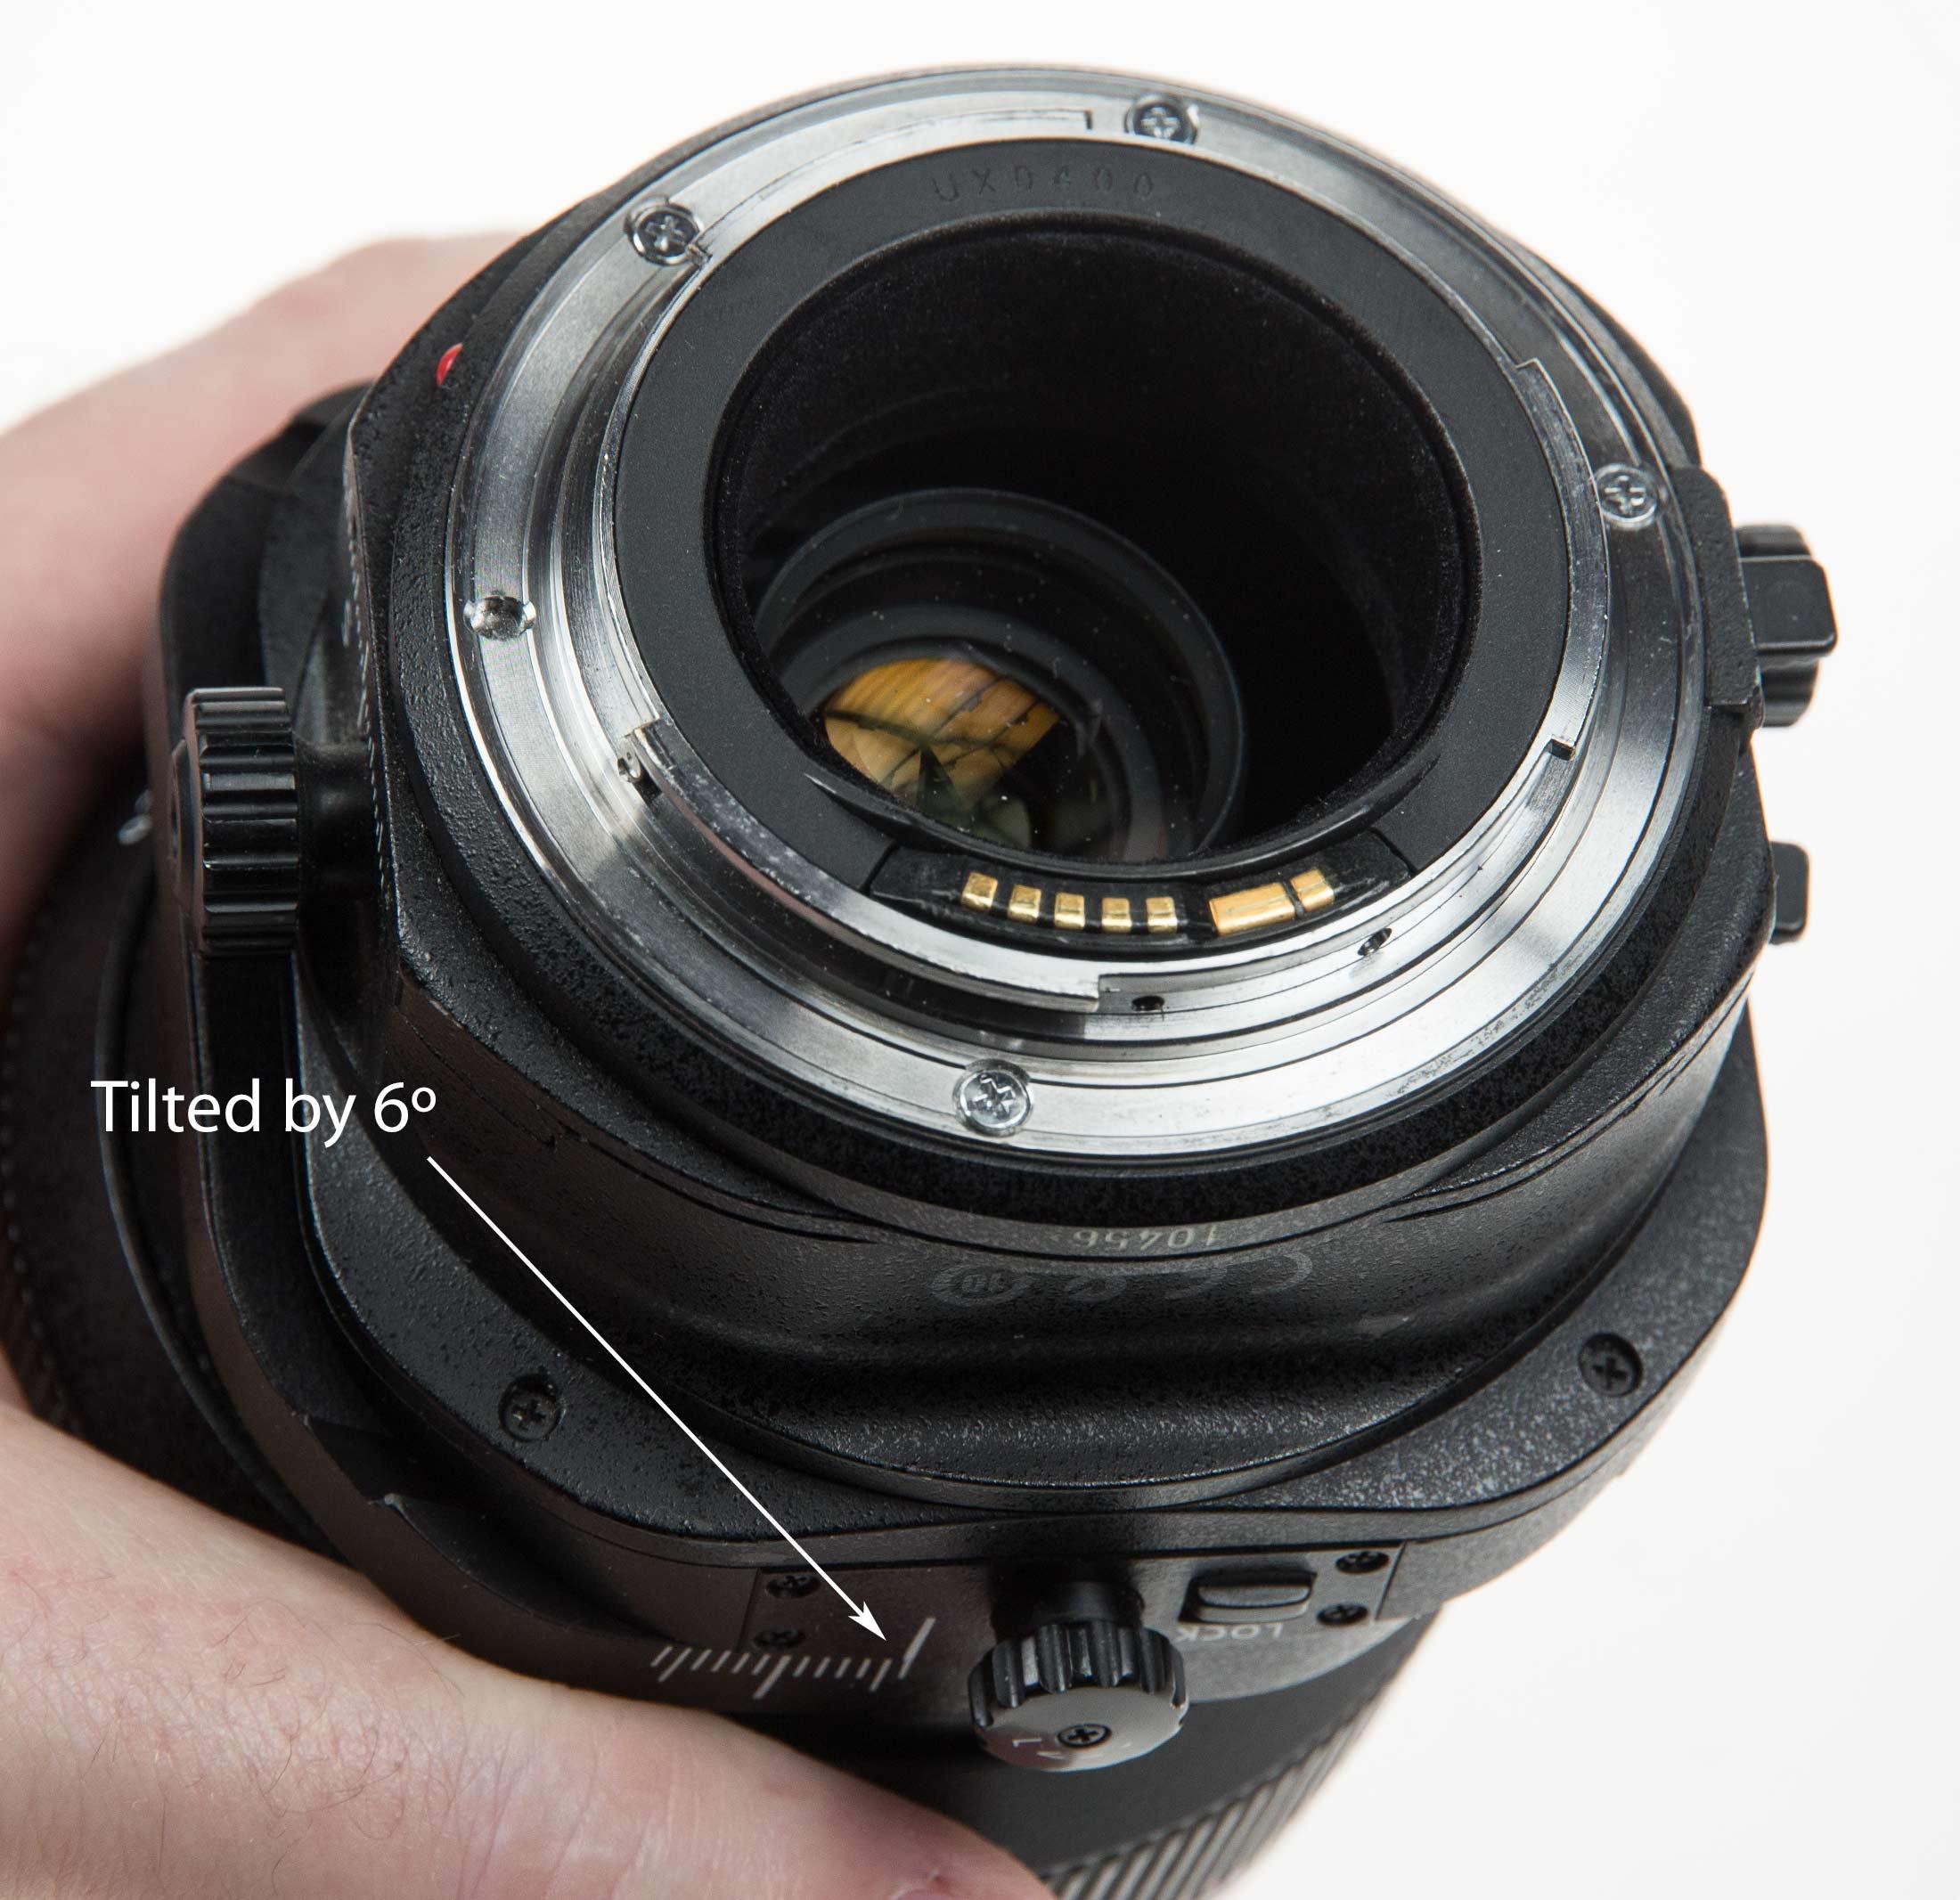 lens tilted